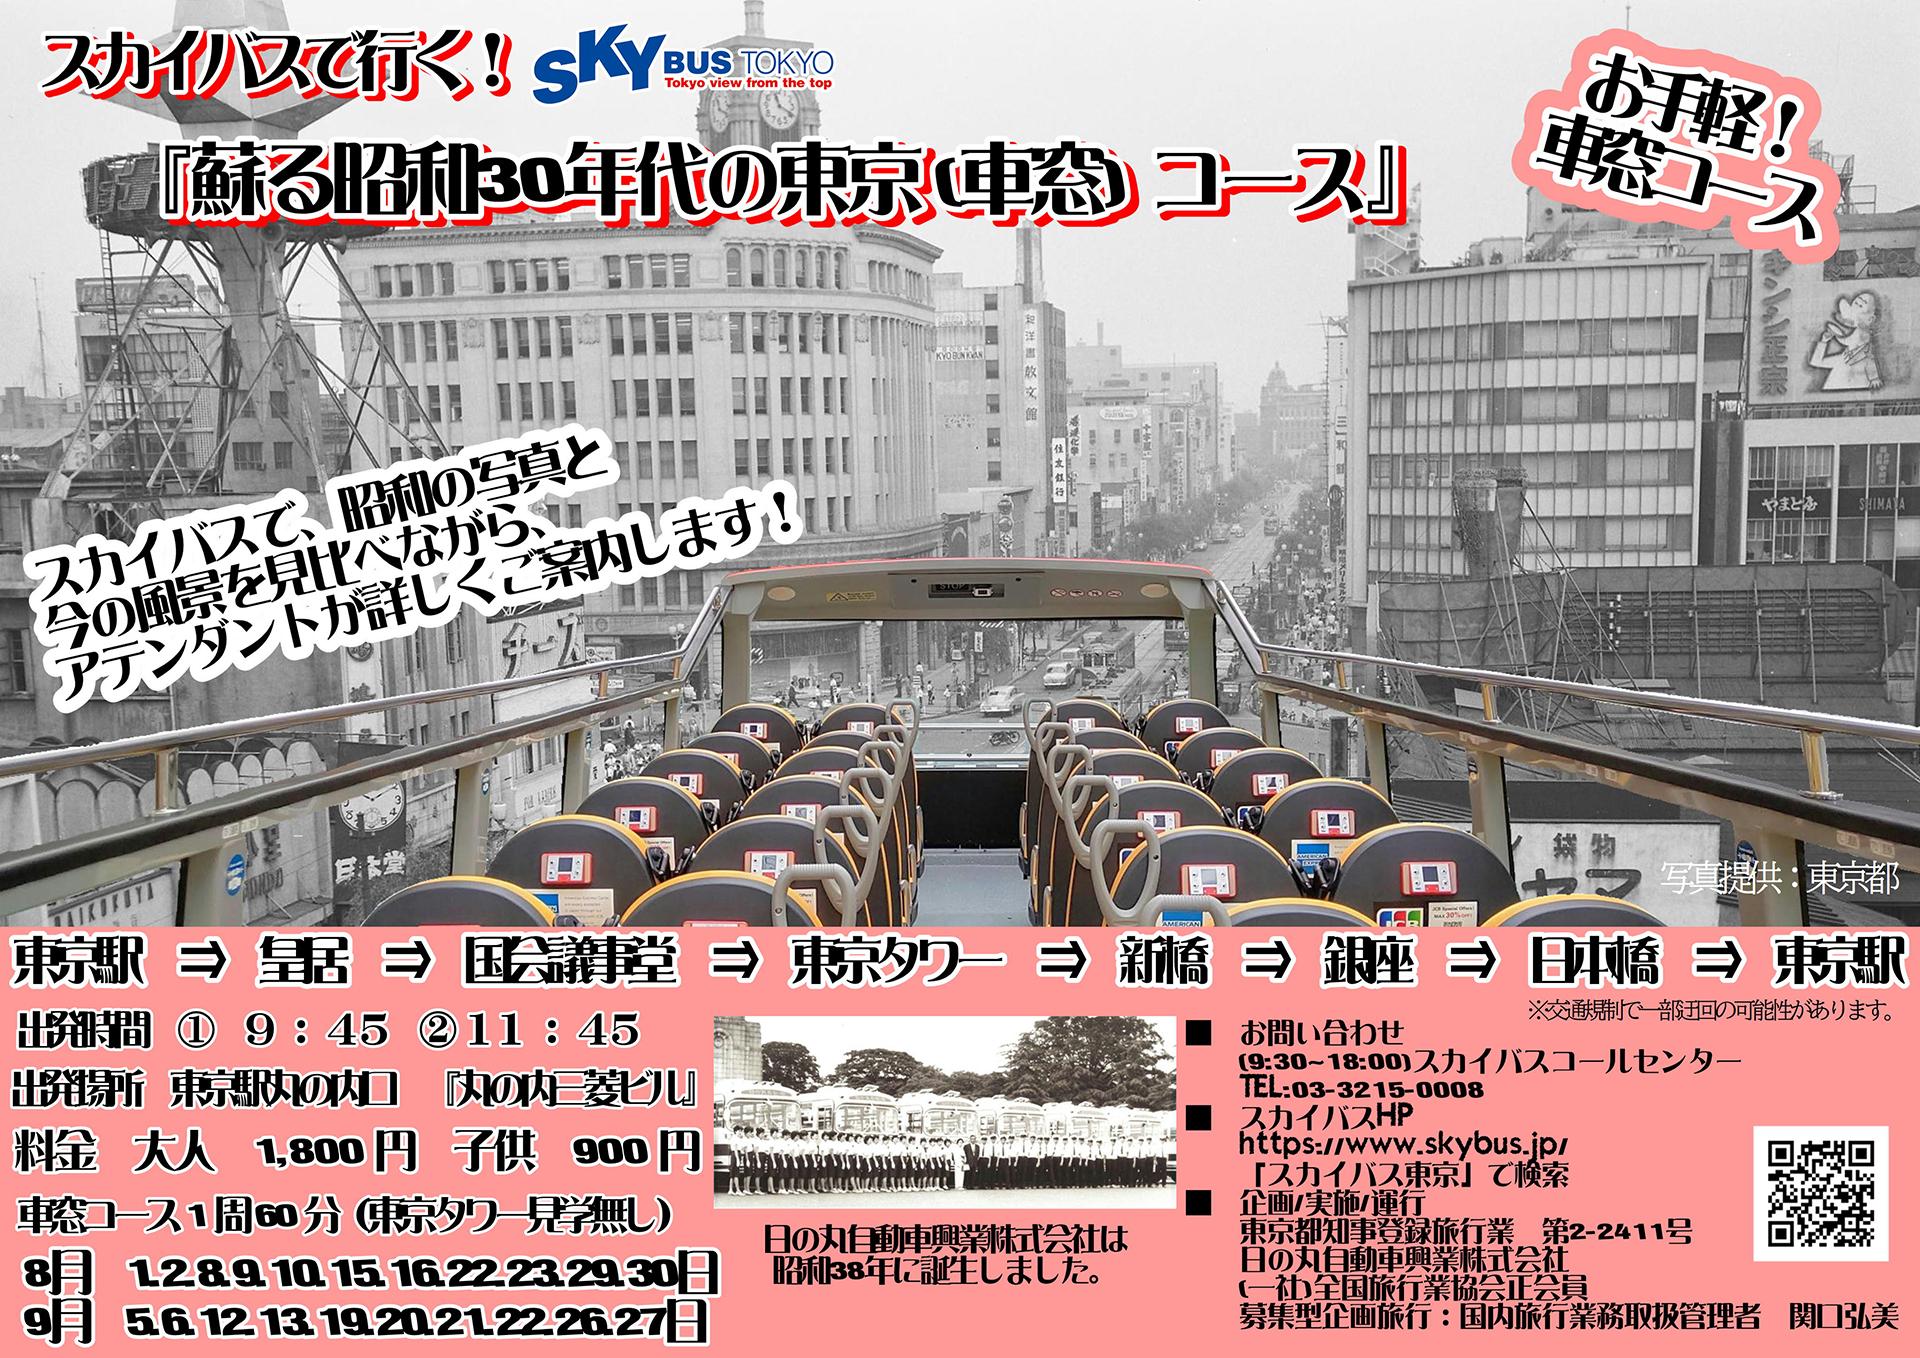 スカイバス東京 蘇る昭和30年代の東京コース